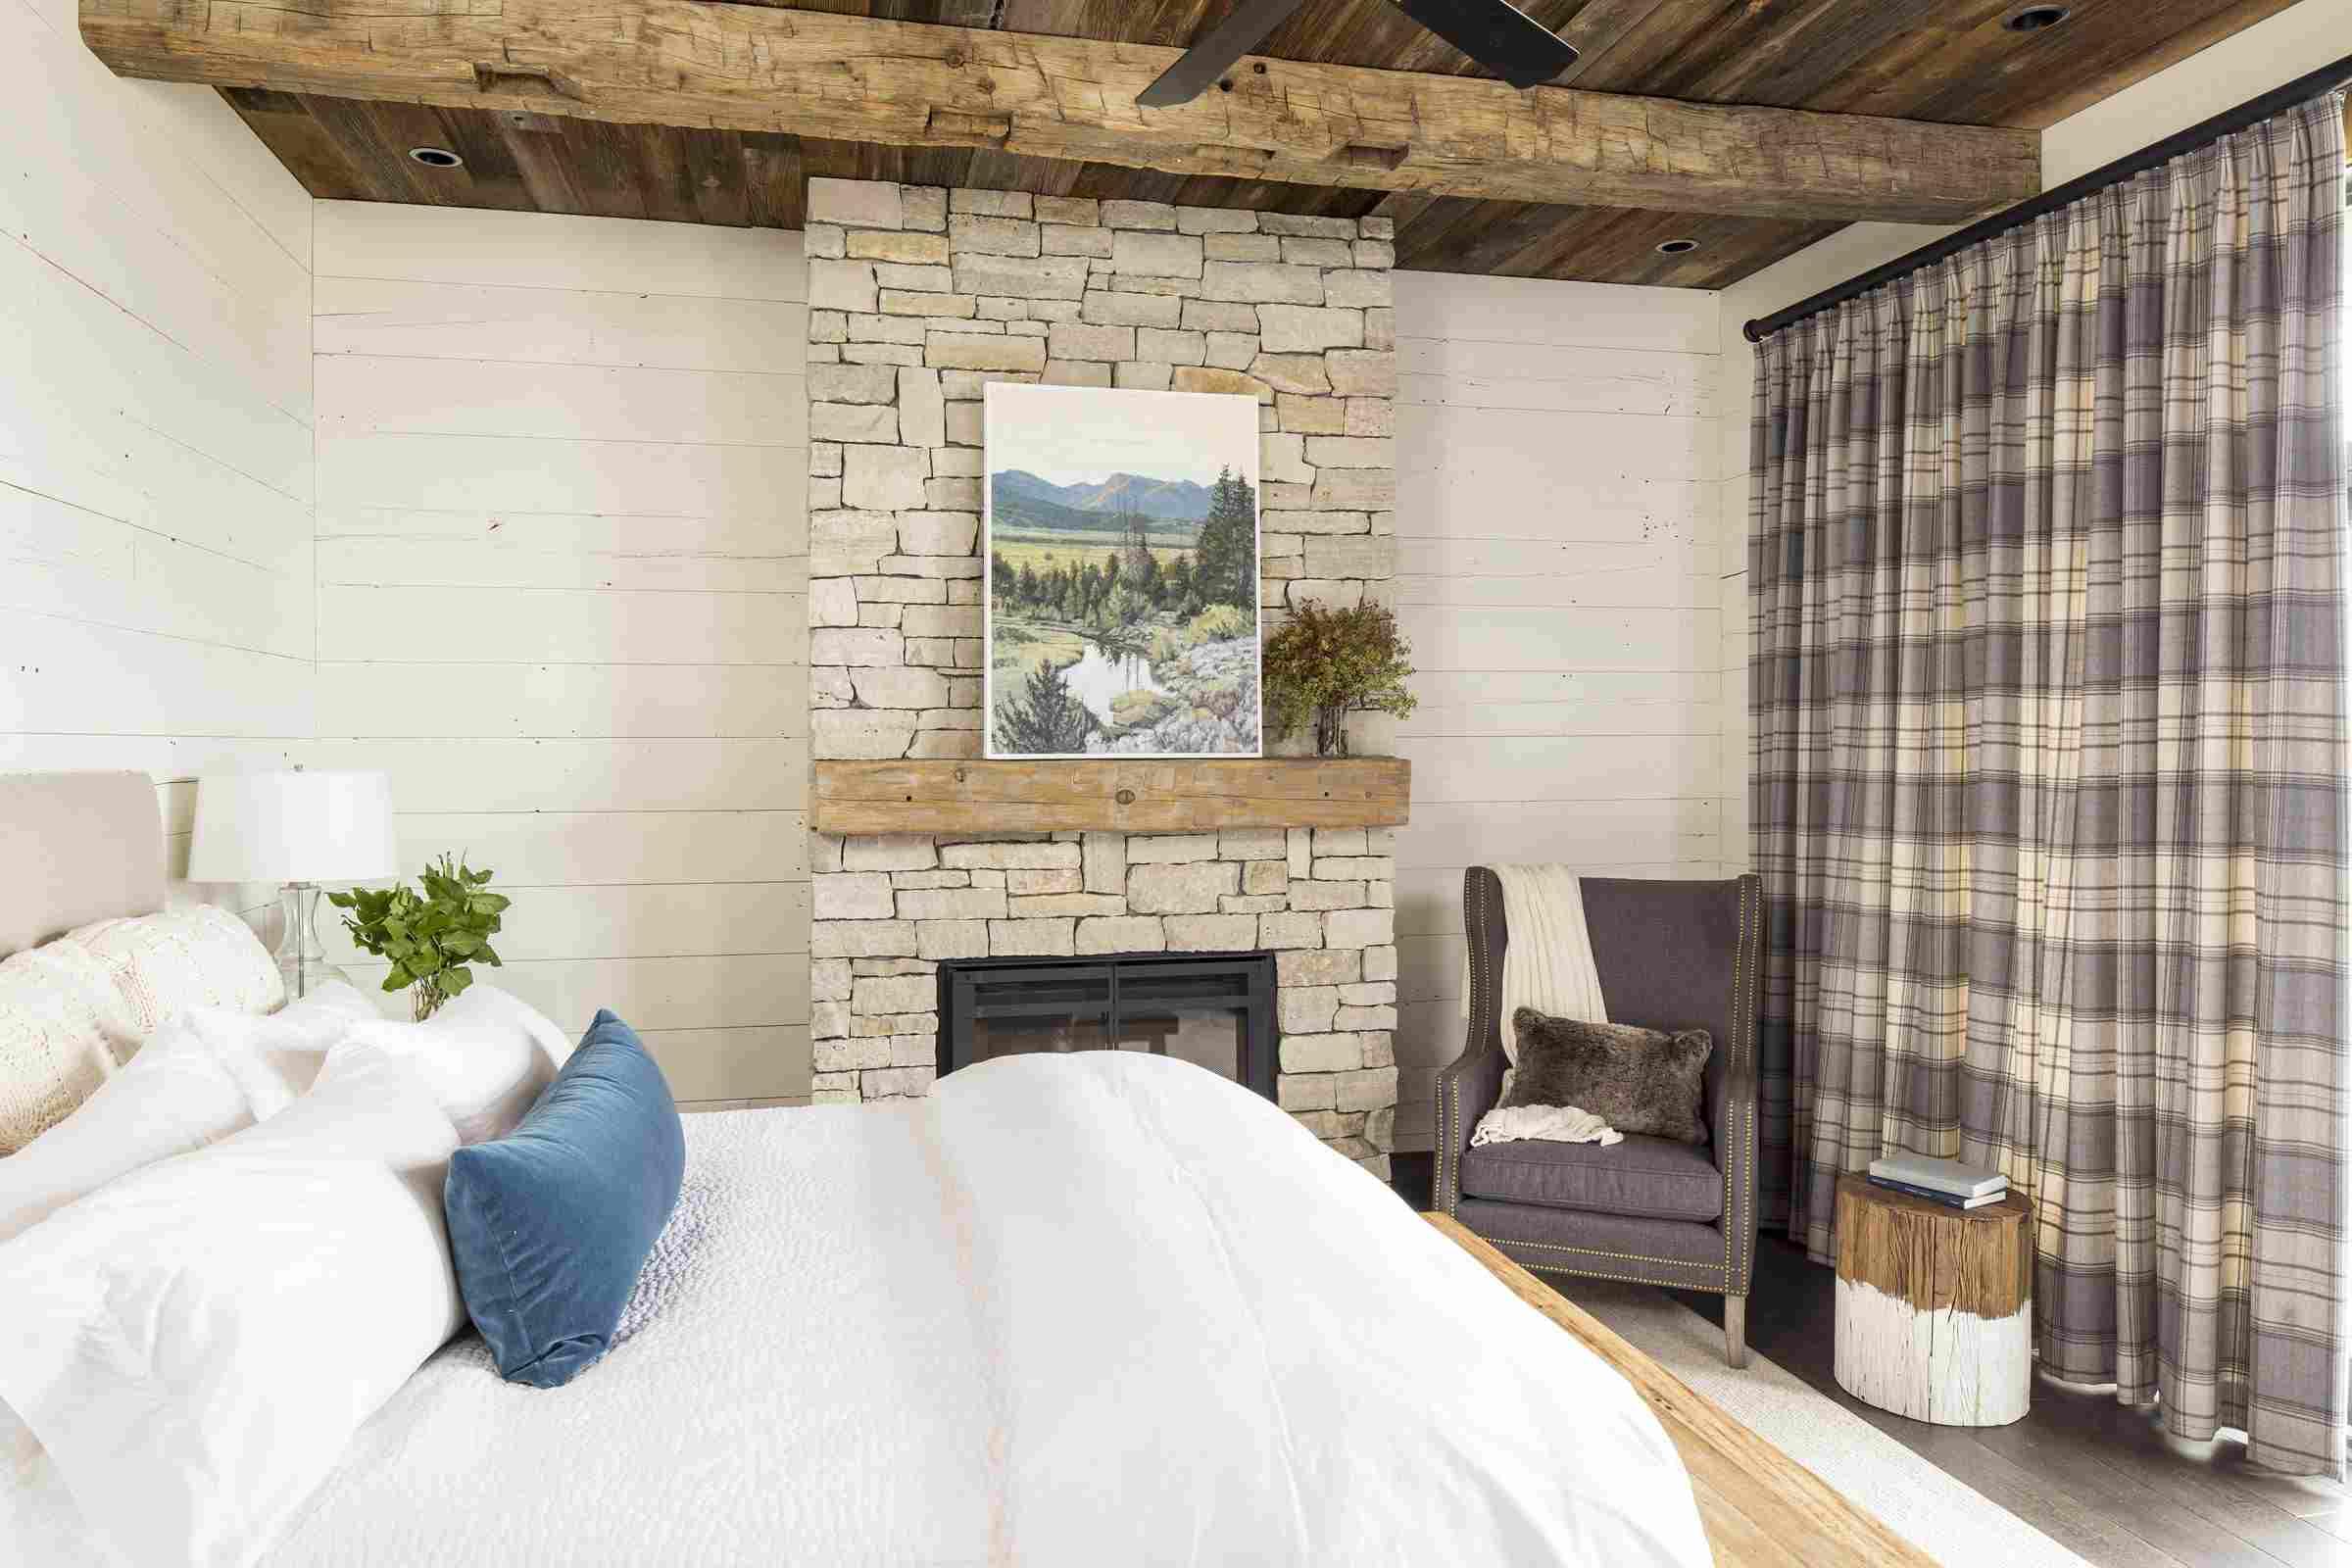 Dormitorio rústico encalado , Habitación rústica inspirada con paredes negras